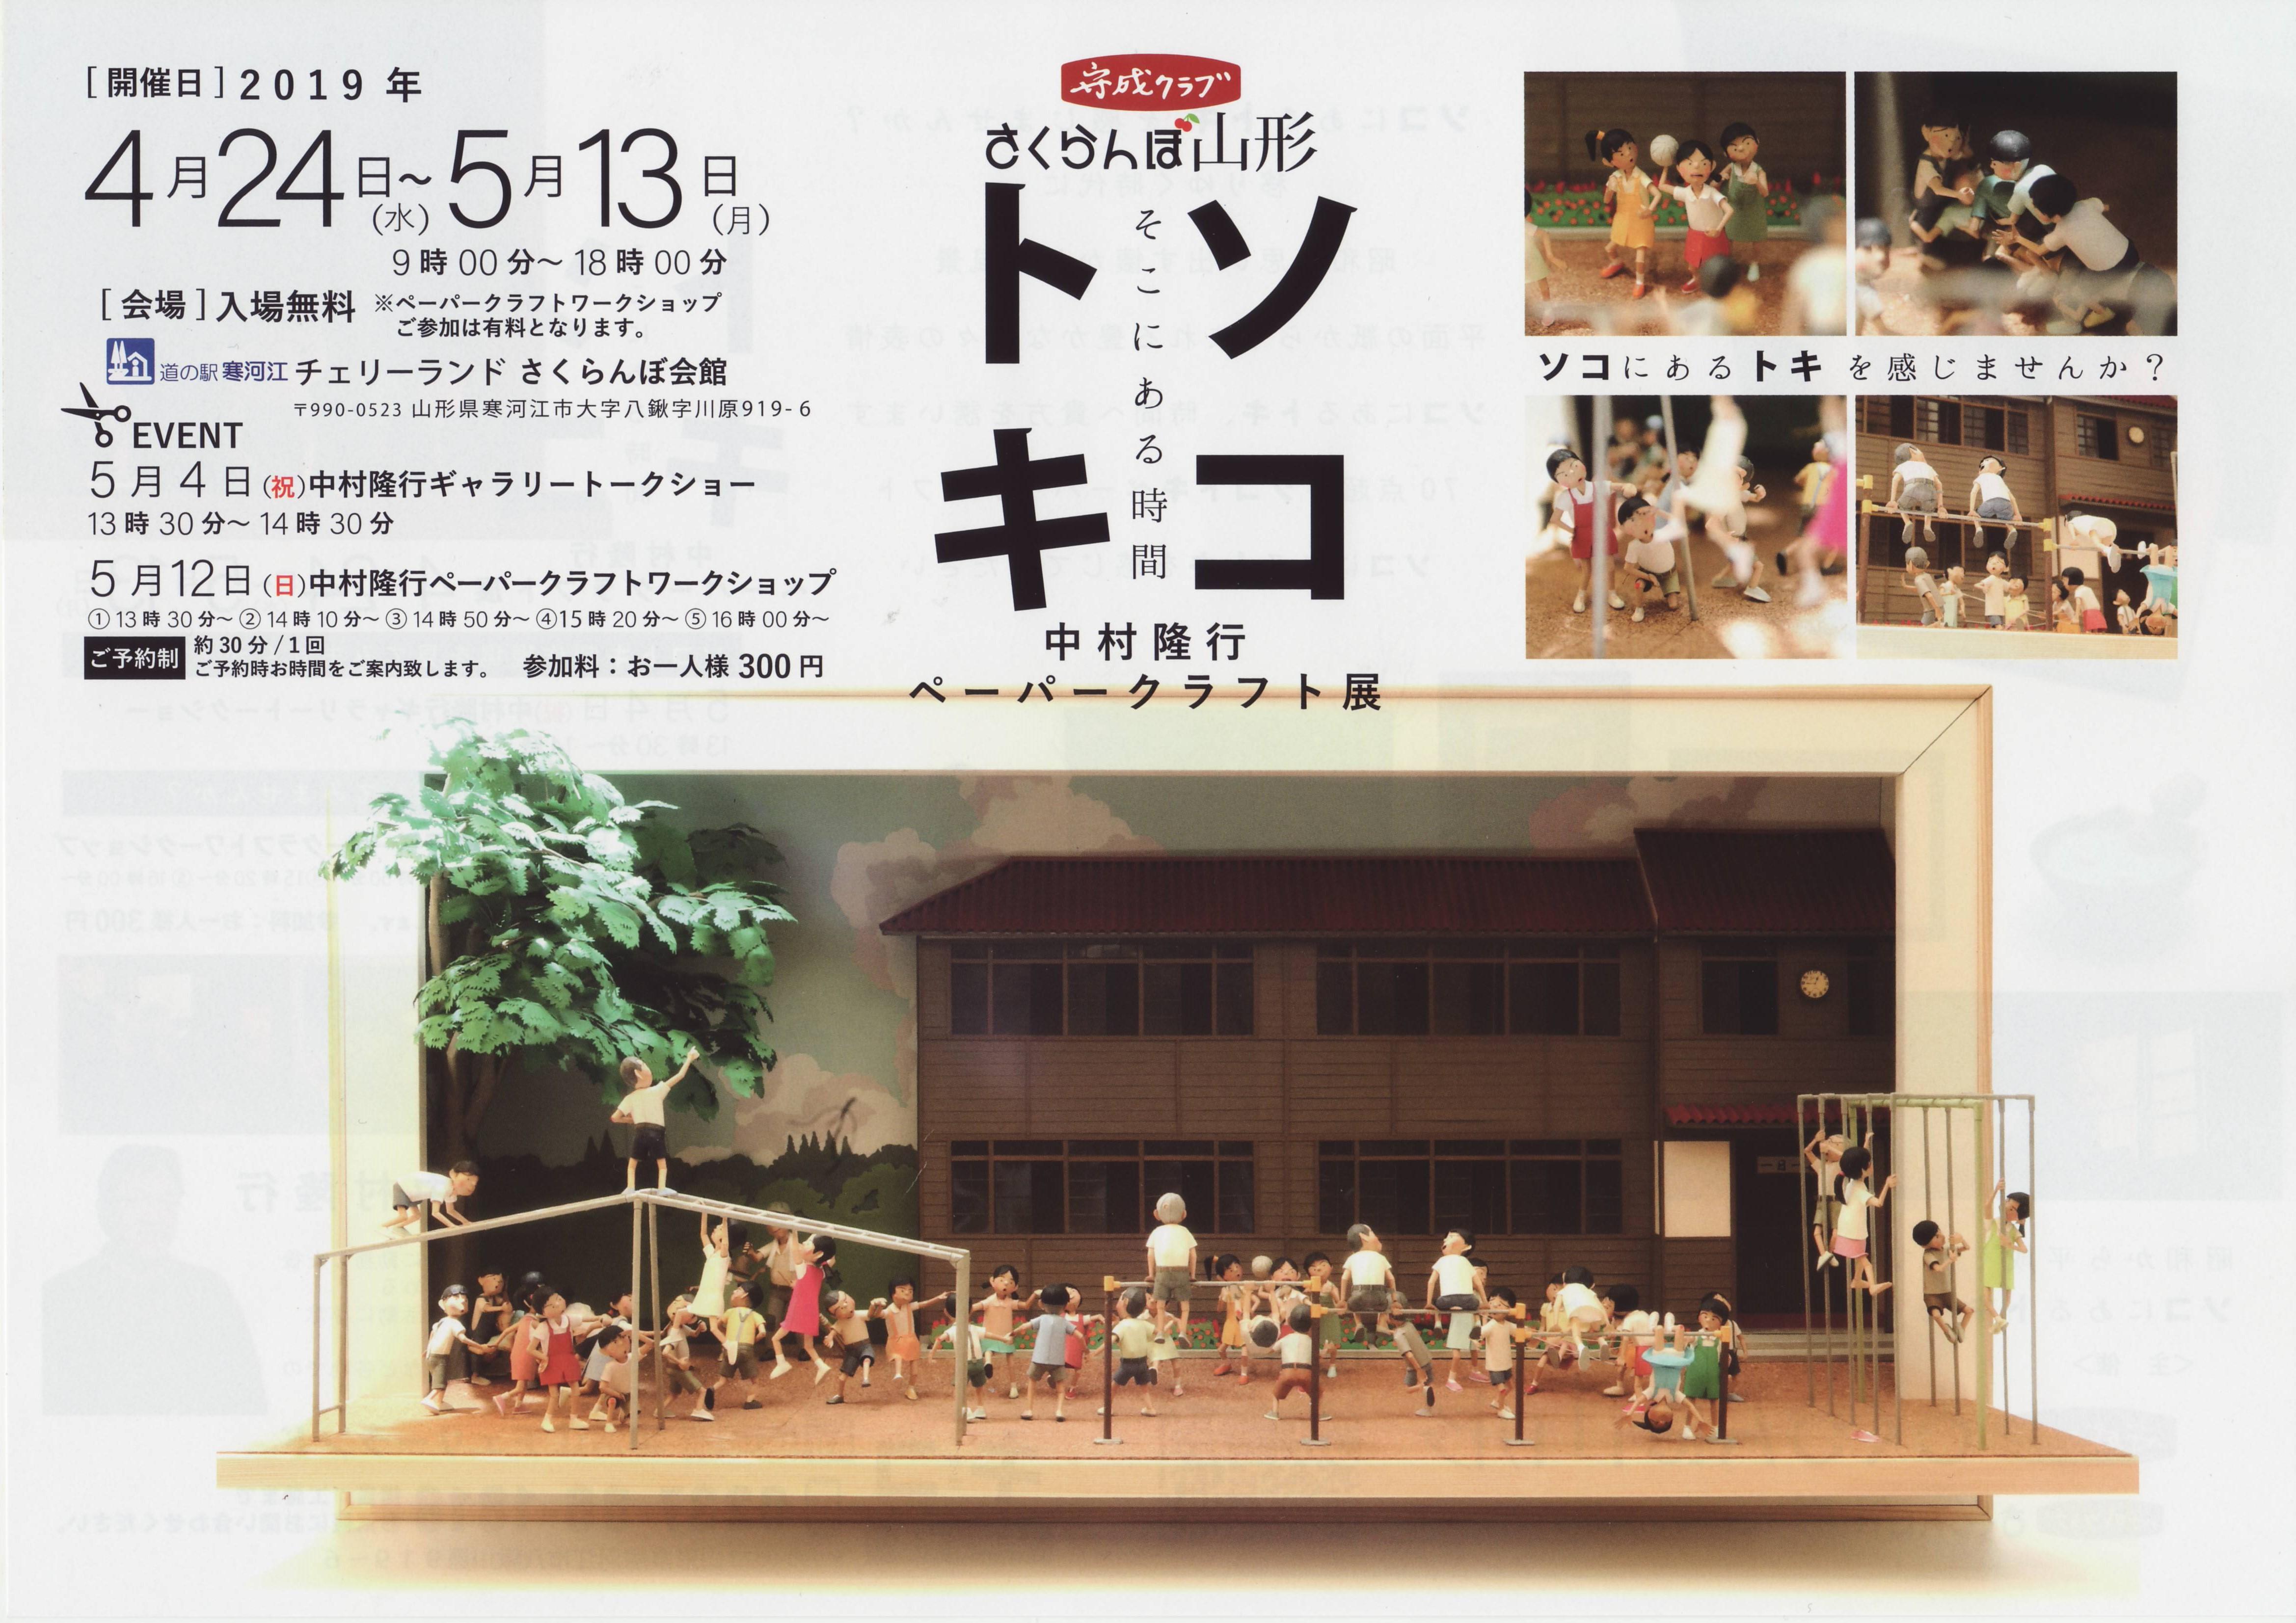 ソコトキ 中村隆行ペーパークラフト展 4/24〜5/13:画像